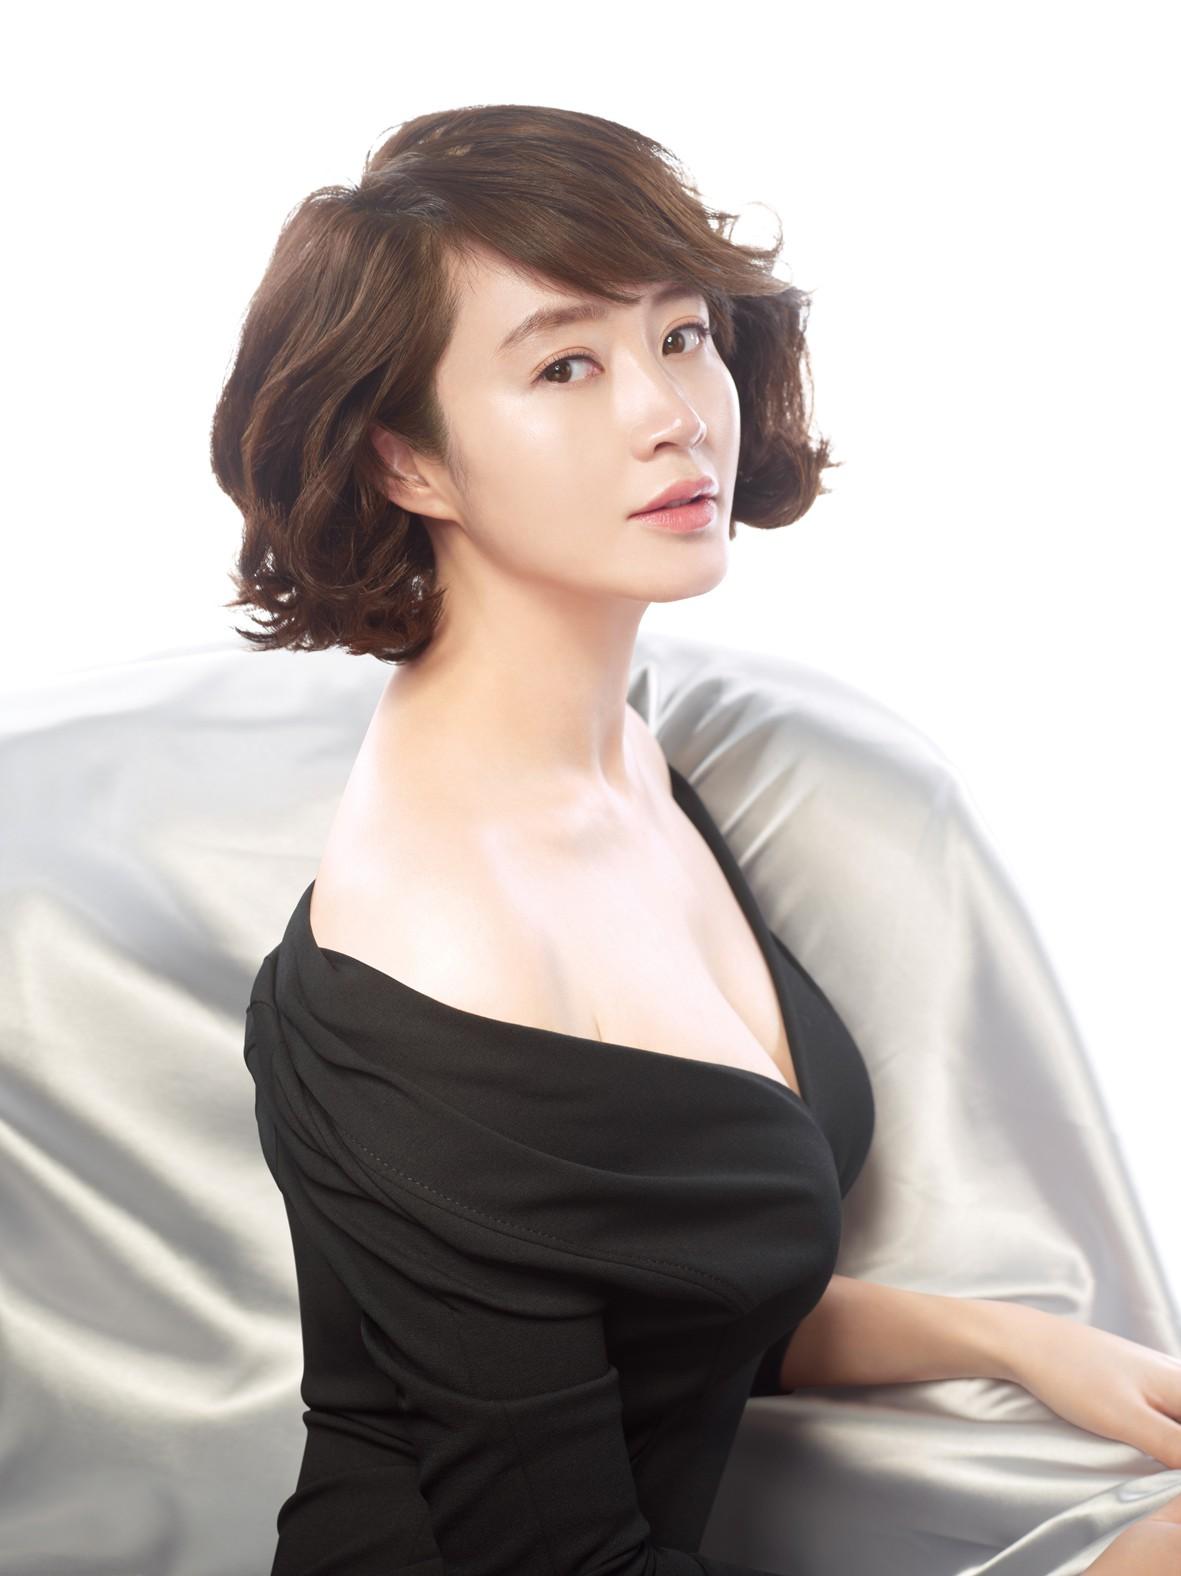 Suzy vượt cả chị đại Kim Hye Soo, cùng gương mặt lạ dẫn đầu Top sao Hàn tuổi Tuất được mong đợi nhất năm 2018 - Ảnh 2.